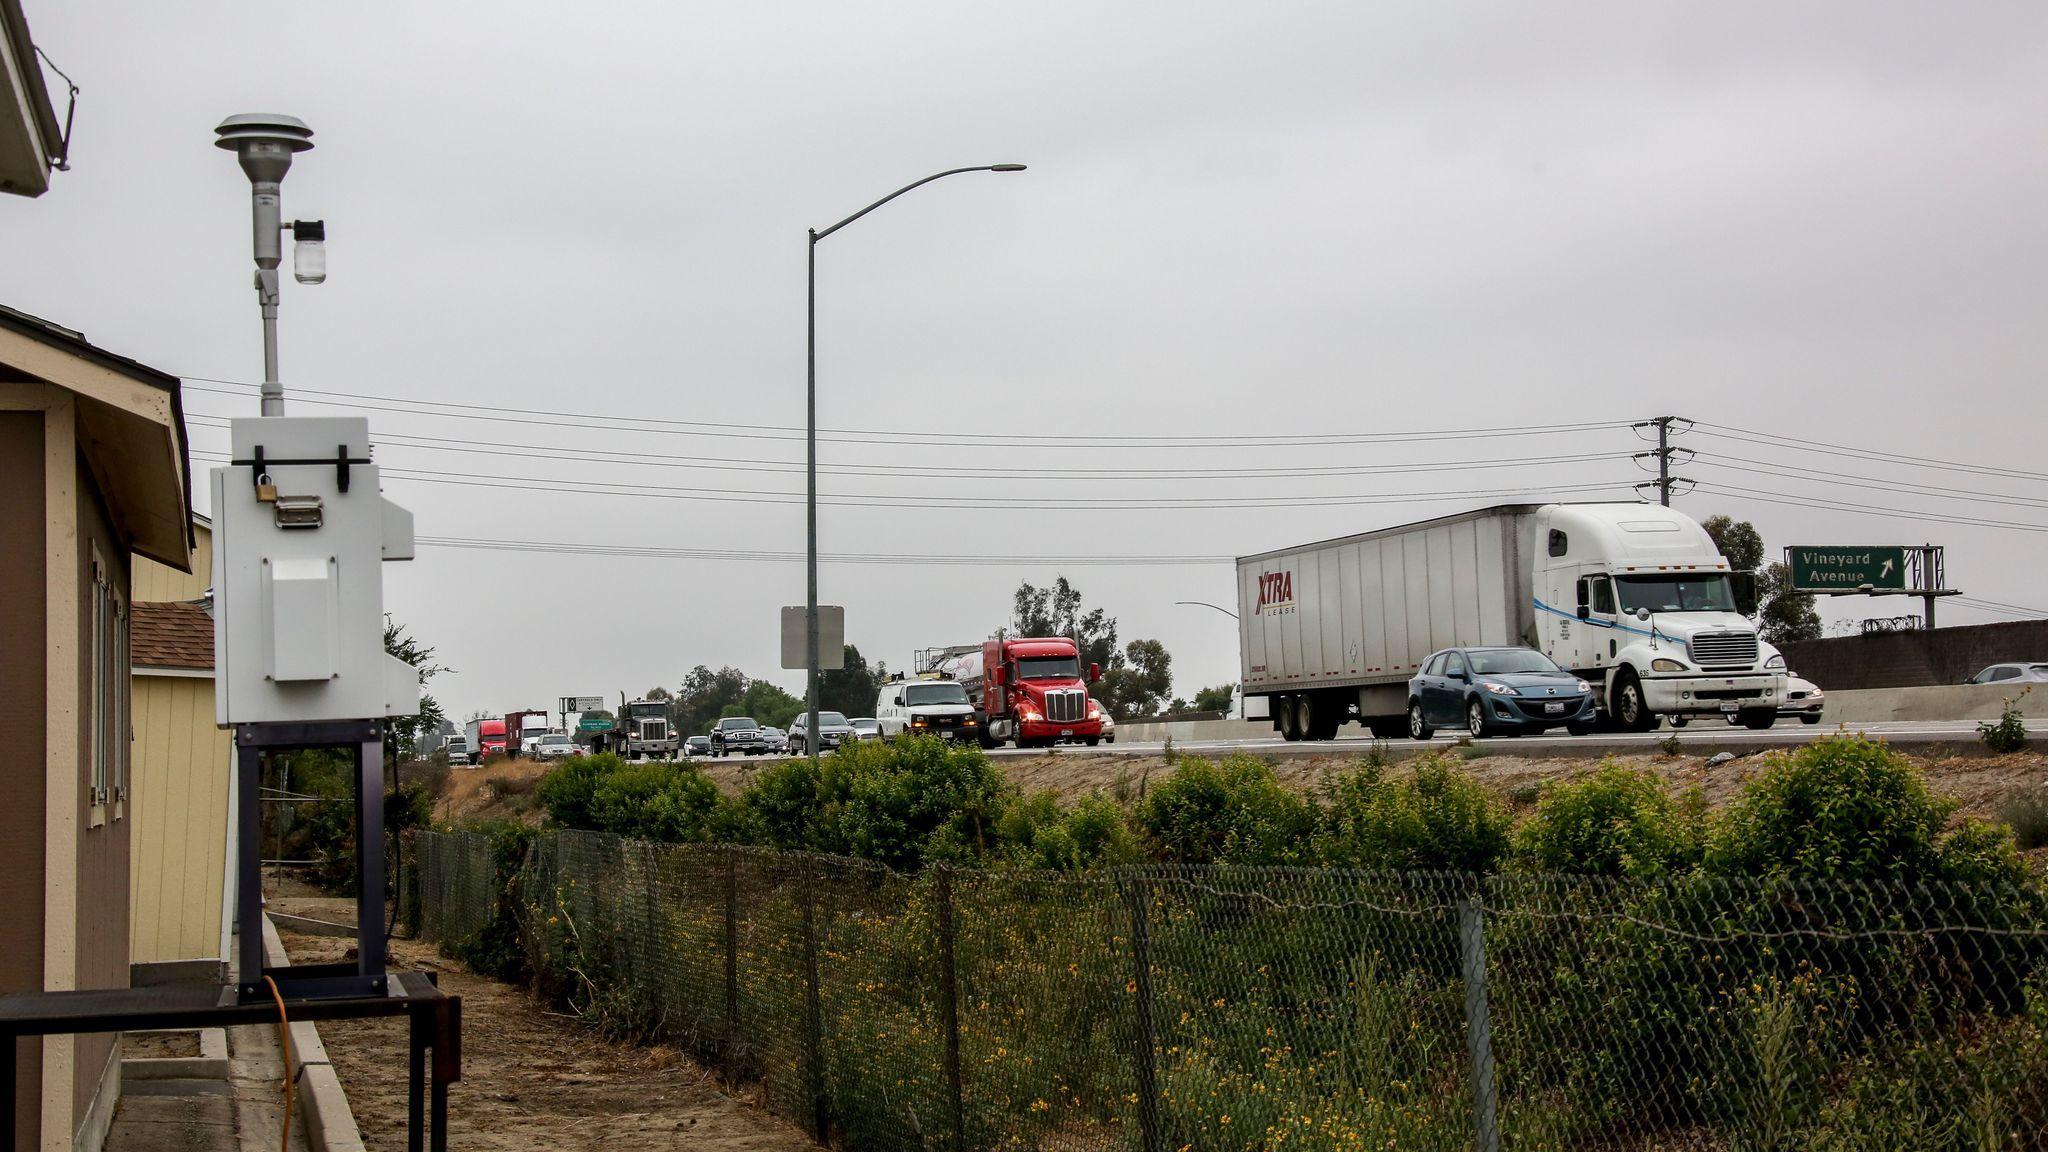 Freeway pollution monitor